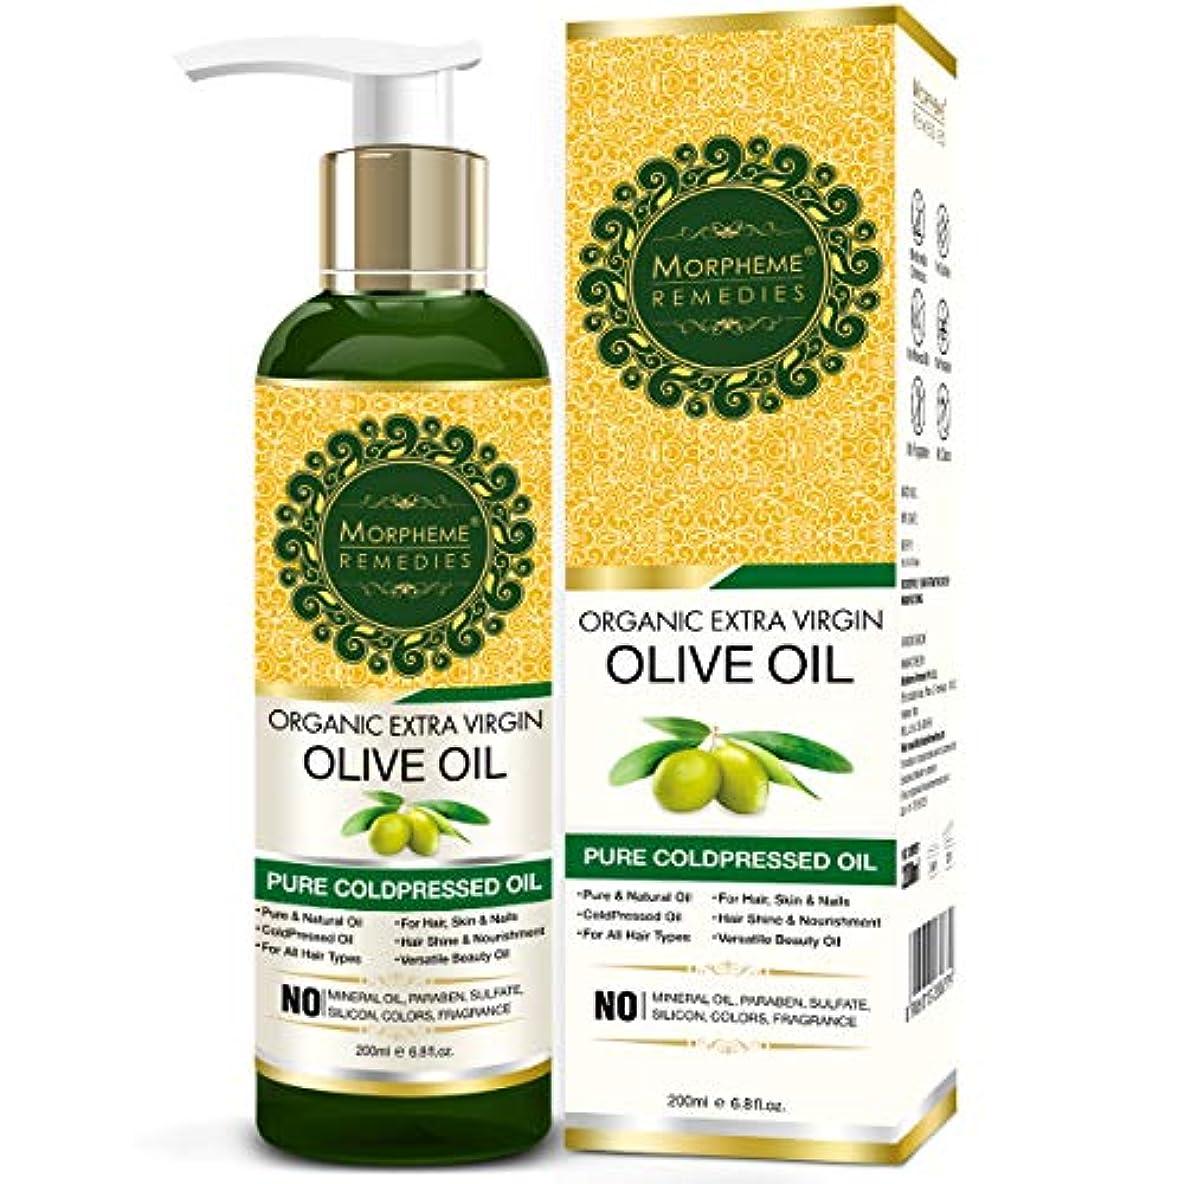 牛肉うなる生命体Morpheme Remedies Organic Extra Virgin Olive Oil (Pure ColdPressed Oil) For Hair, Body, Skin Care, Massage, Eyelashes...